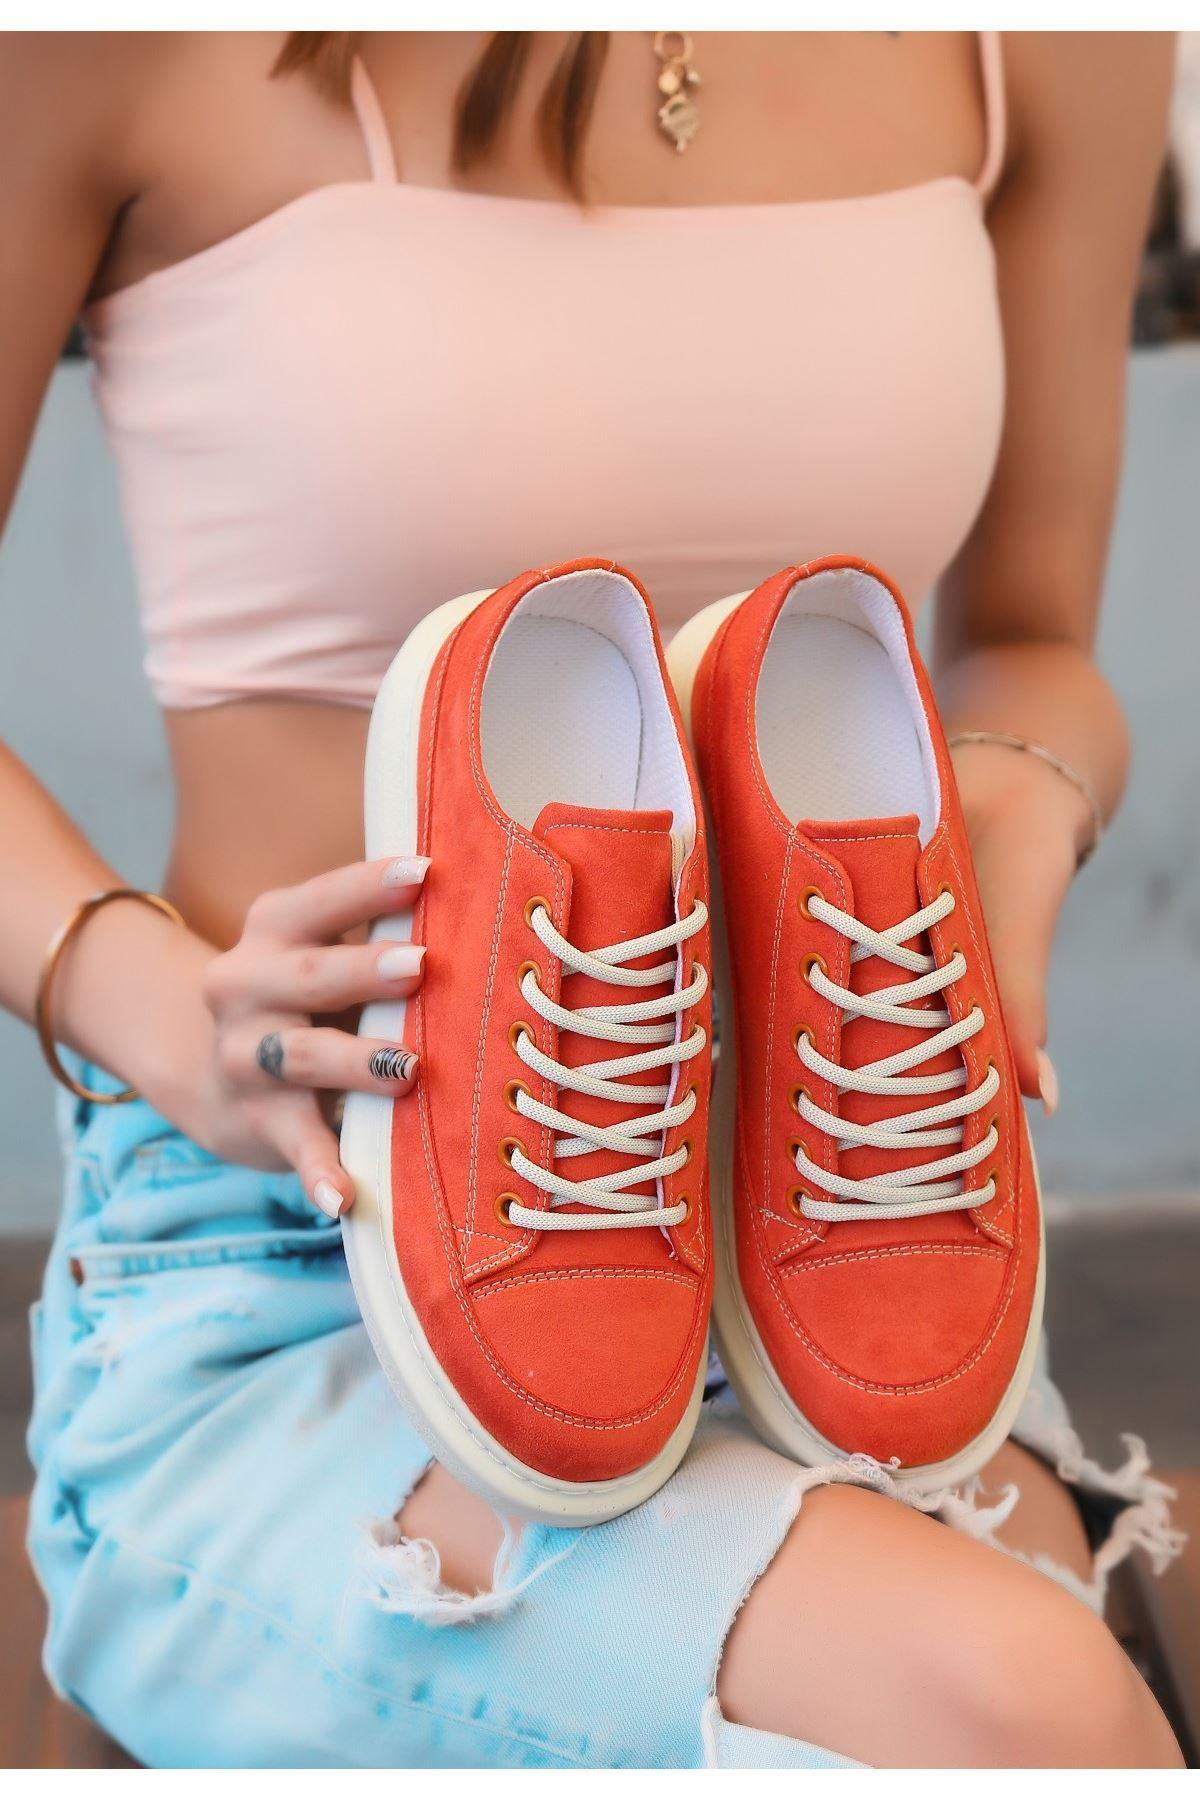 Tija Turuncu Süet Bağcıklı Spor Ayakkabı